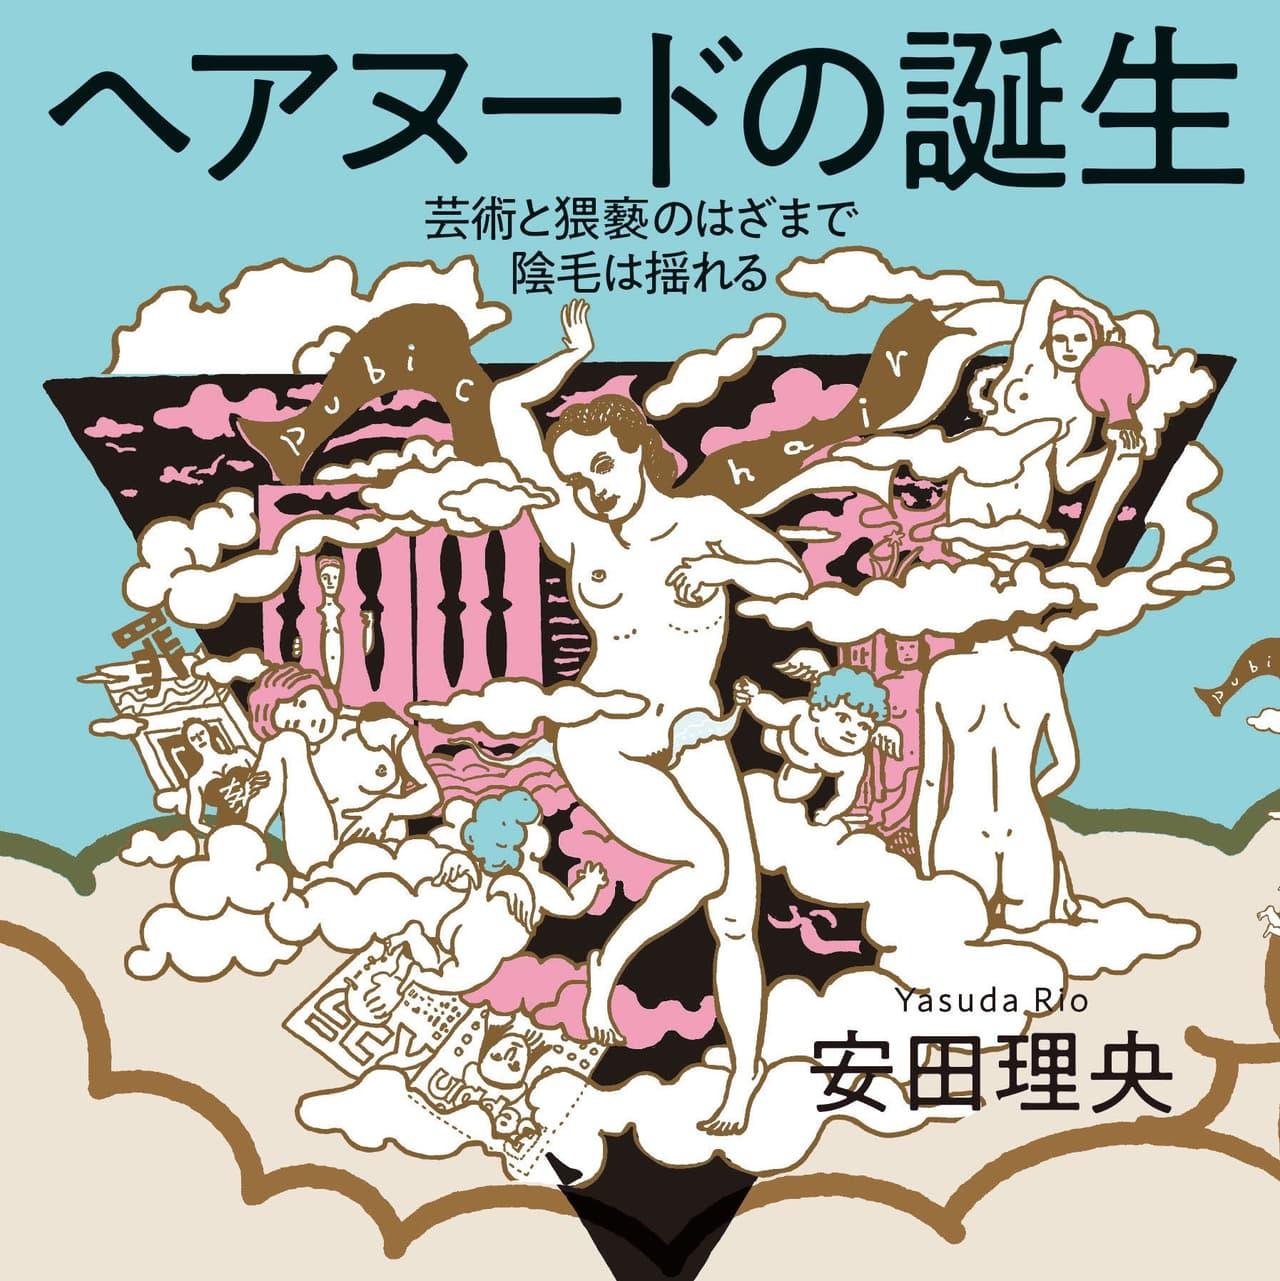 日本のヘアヌード解禁から30周年。猥褻の歴史を解剖した労作【宝泉薫】